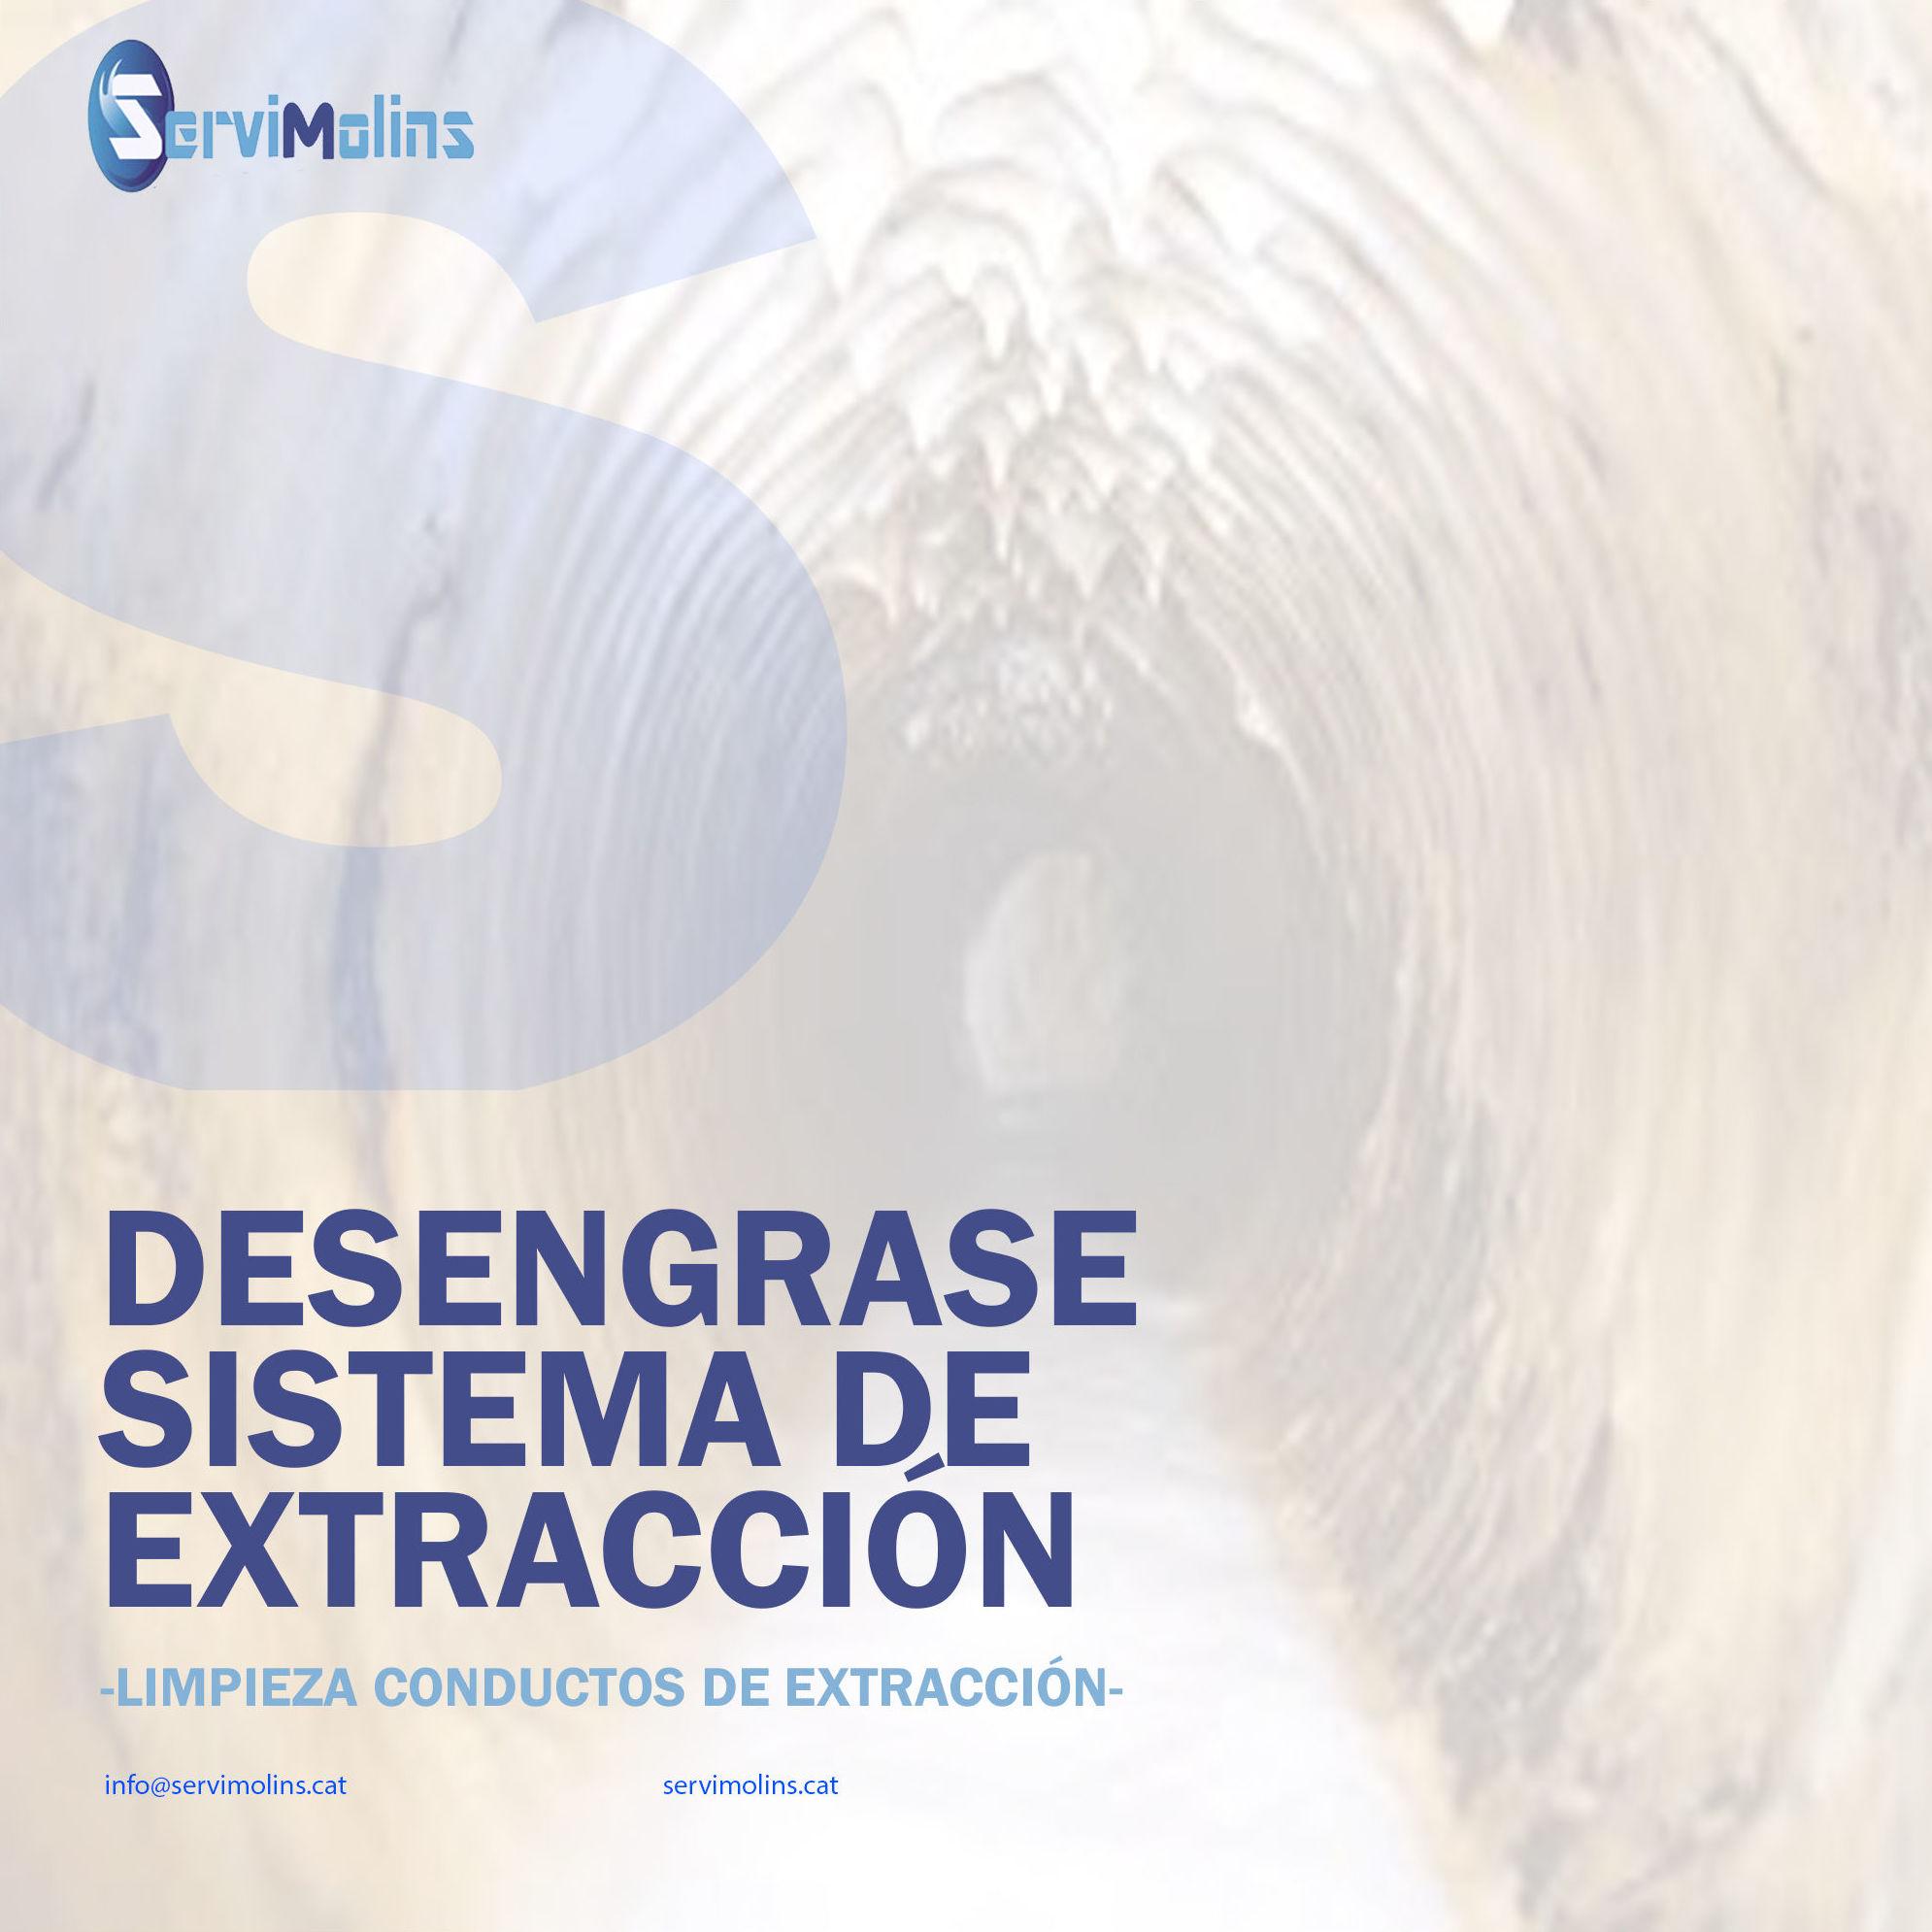 limpieza conductos extracción Menorca